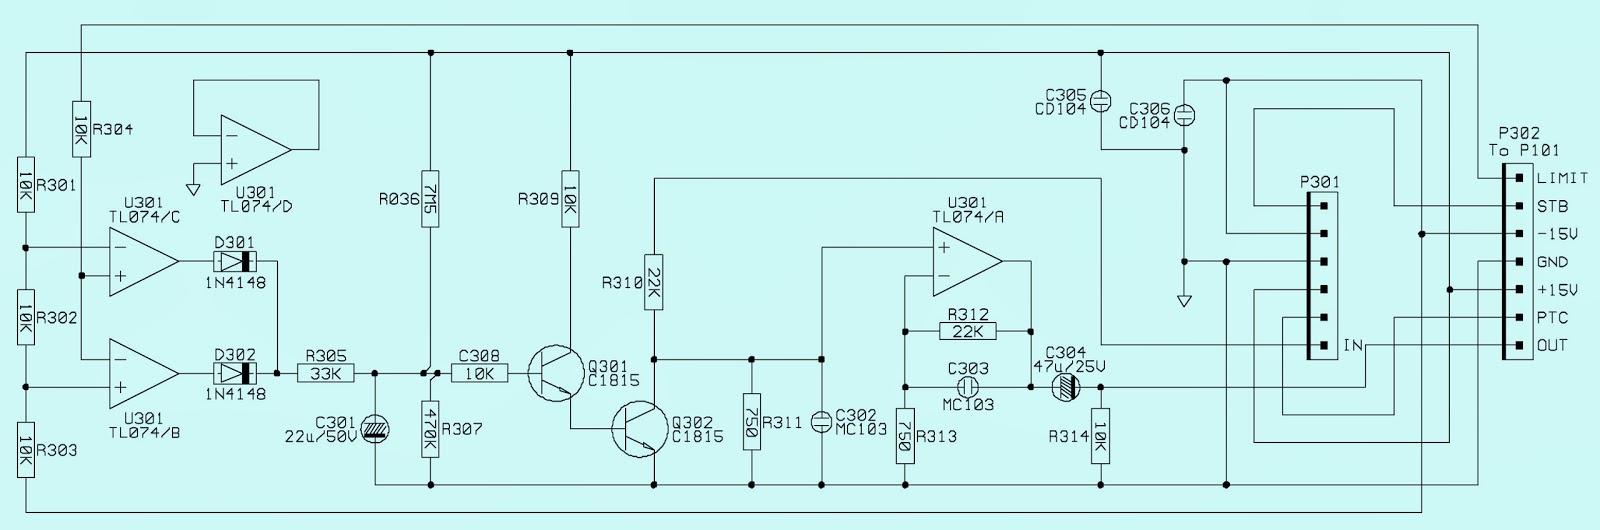 medium resolution of jbl sub 135s cinema propack 600 amp subwoofer schematic cinema propack600 ampsubwoofer schematic circuit diagram